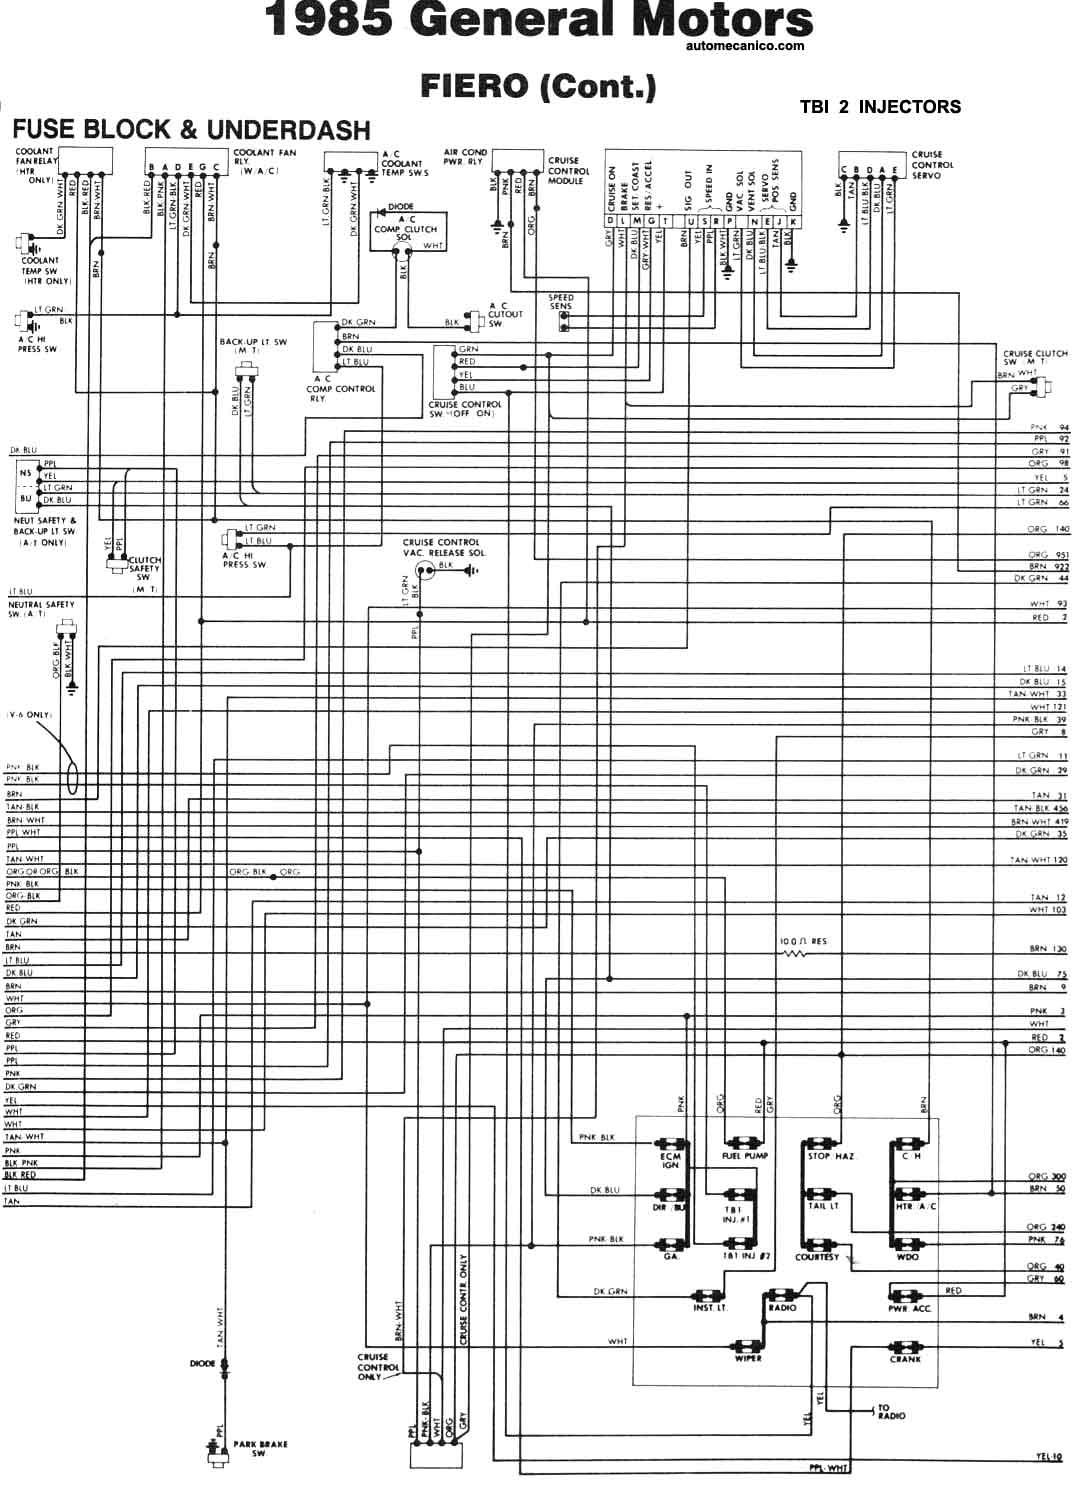 Pontiac Diagramas Electricos 1985 Esquemas Graphics Mecanica Fiero Fuse Box